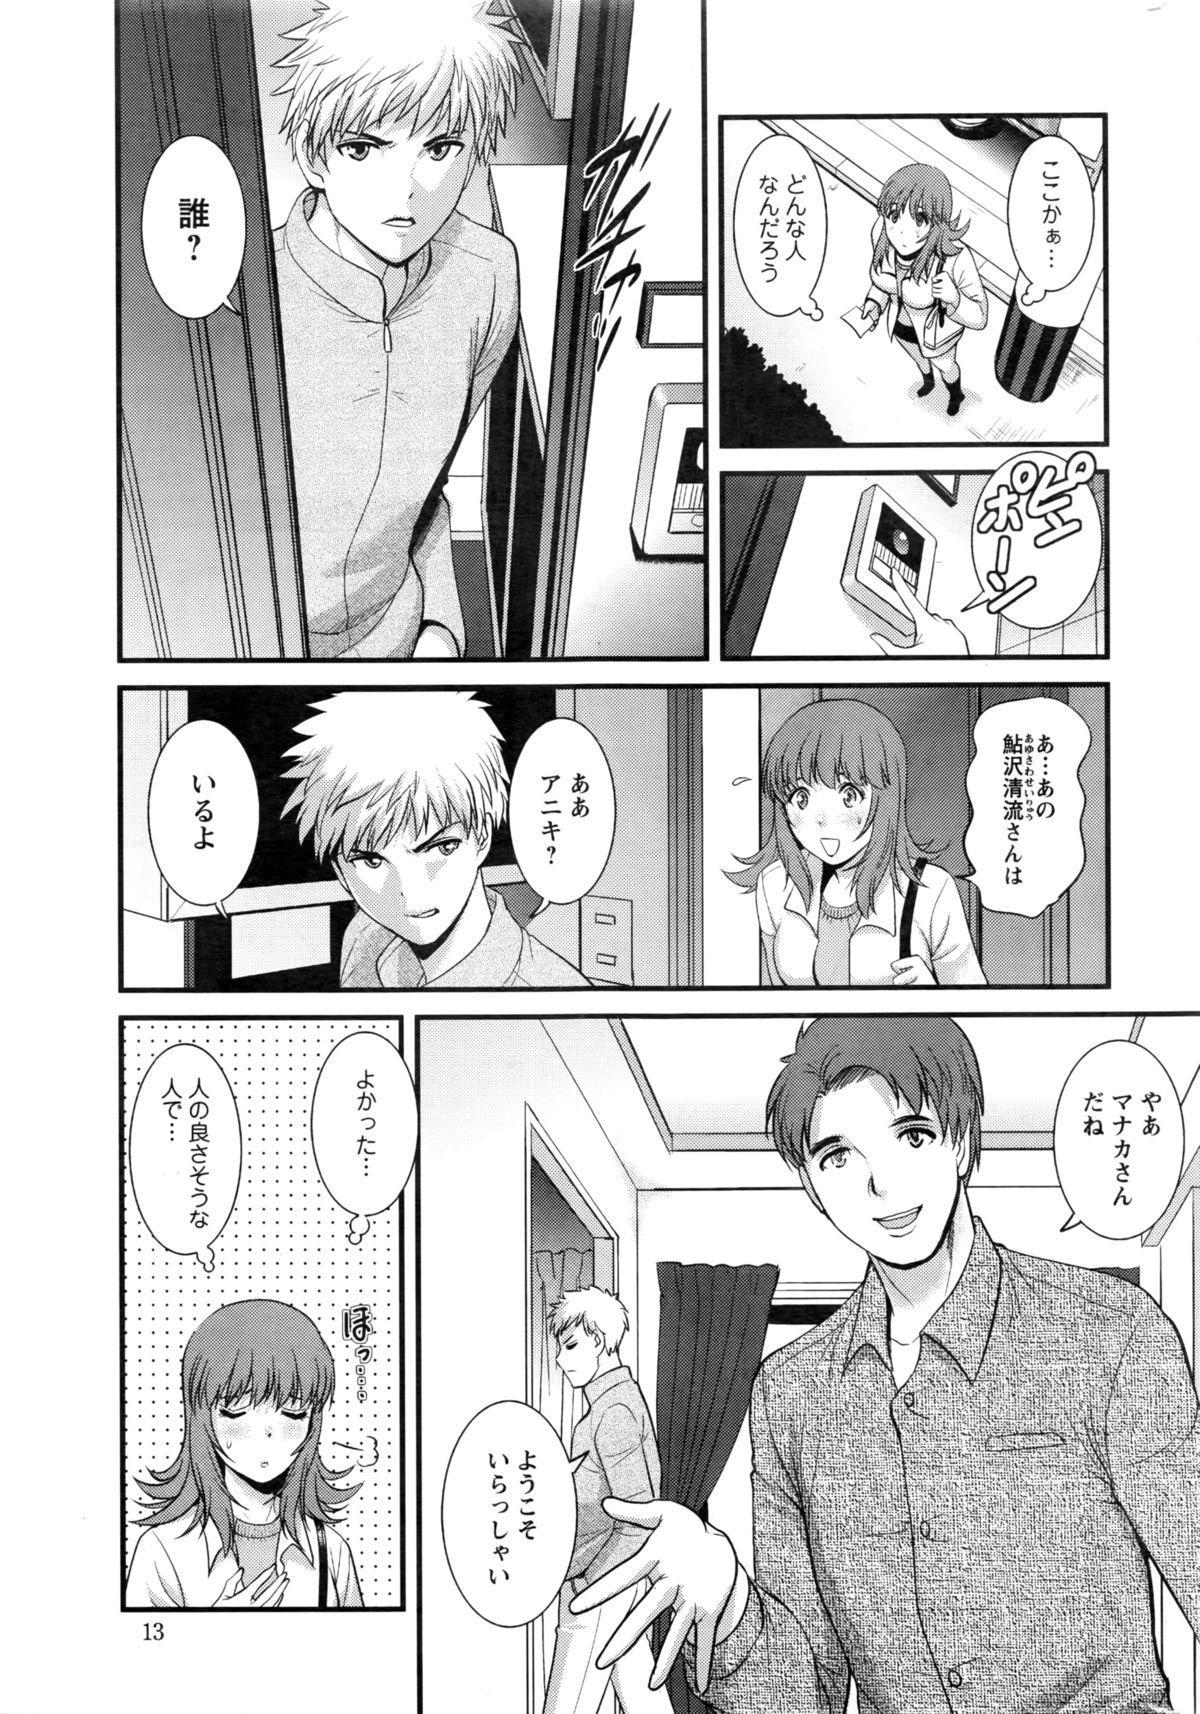 [Saigado] Part time Manaka-san 2nd Ch. 1-3 10